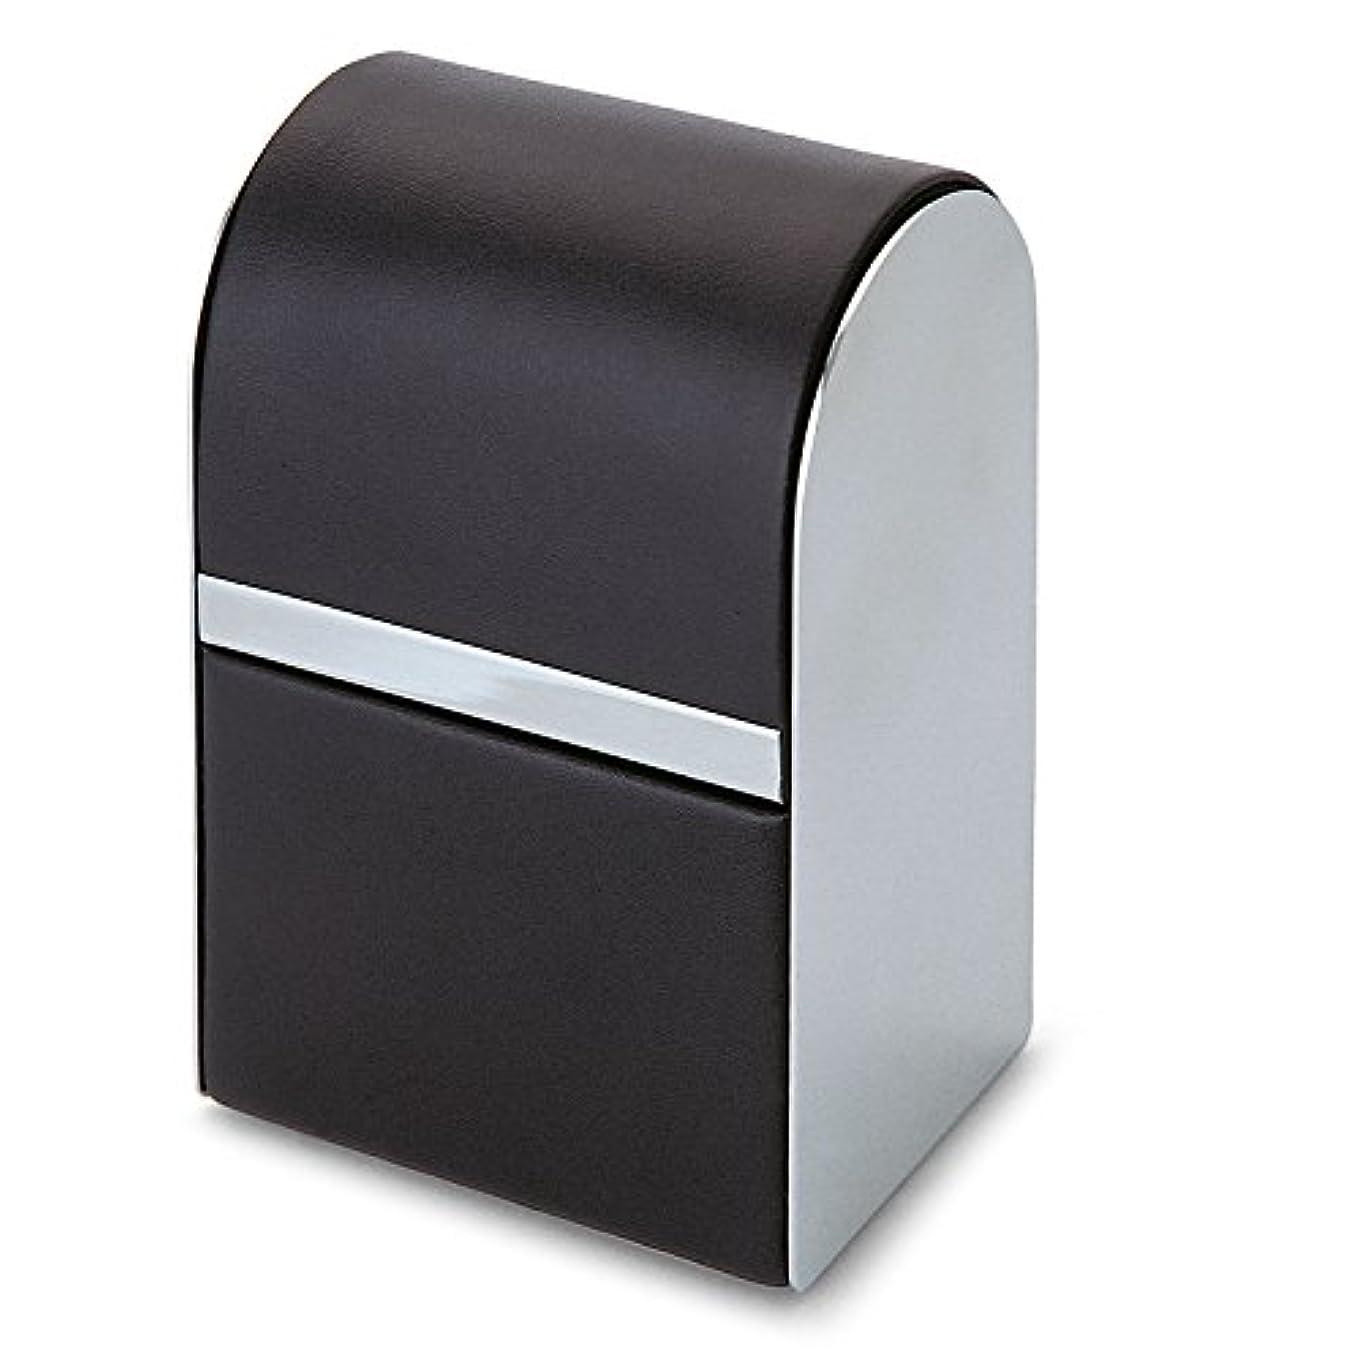 不安ダッシュ回路Philippi Giorgio メンズ身だしなみキット 7pcsセット leather stainless polished